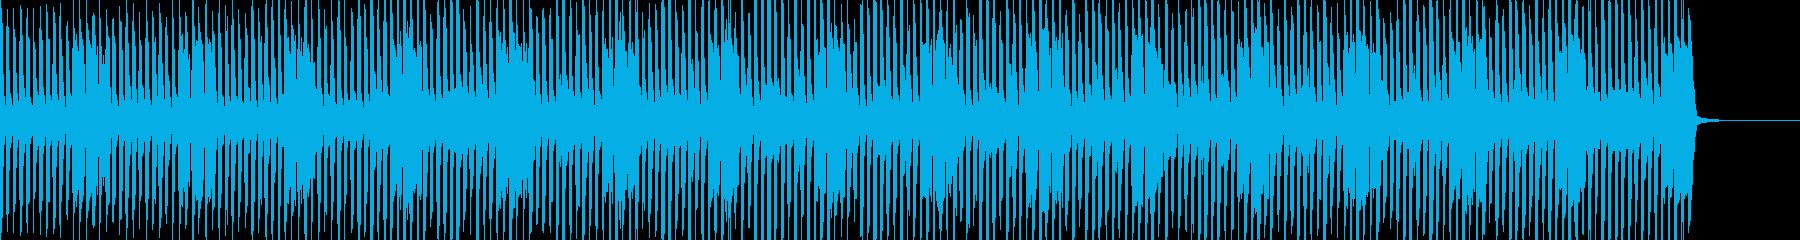 楽しい アコギ・手拍子・ピアノの再生済みの波形